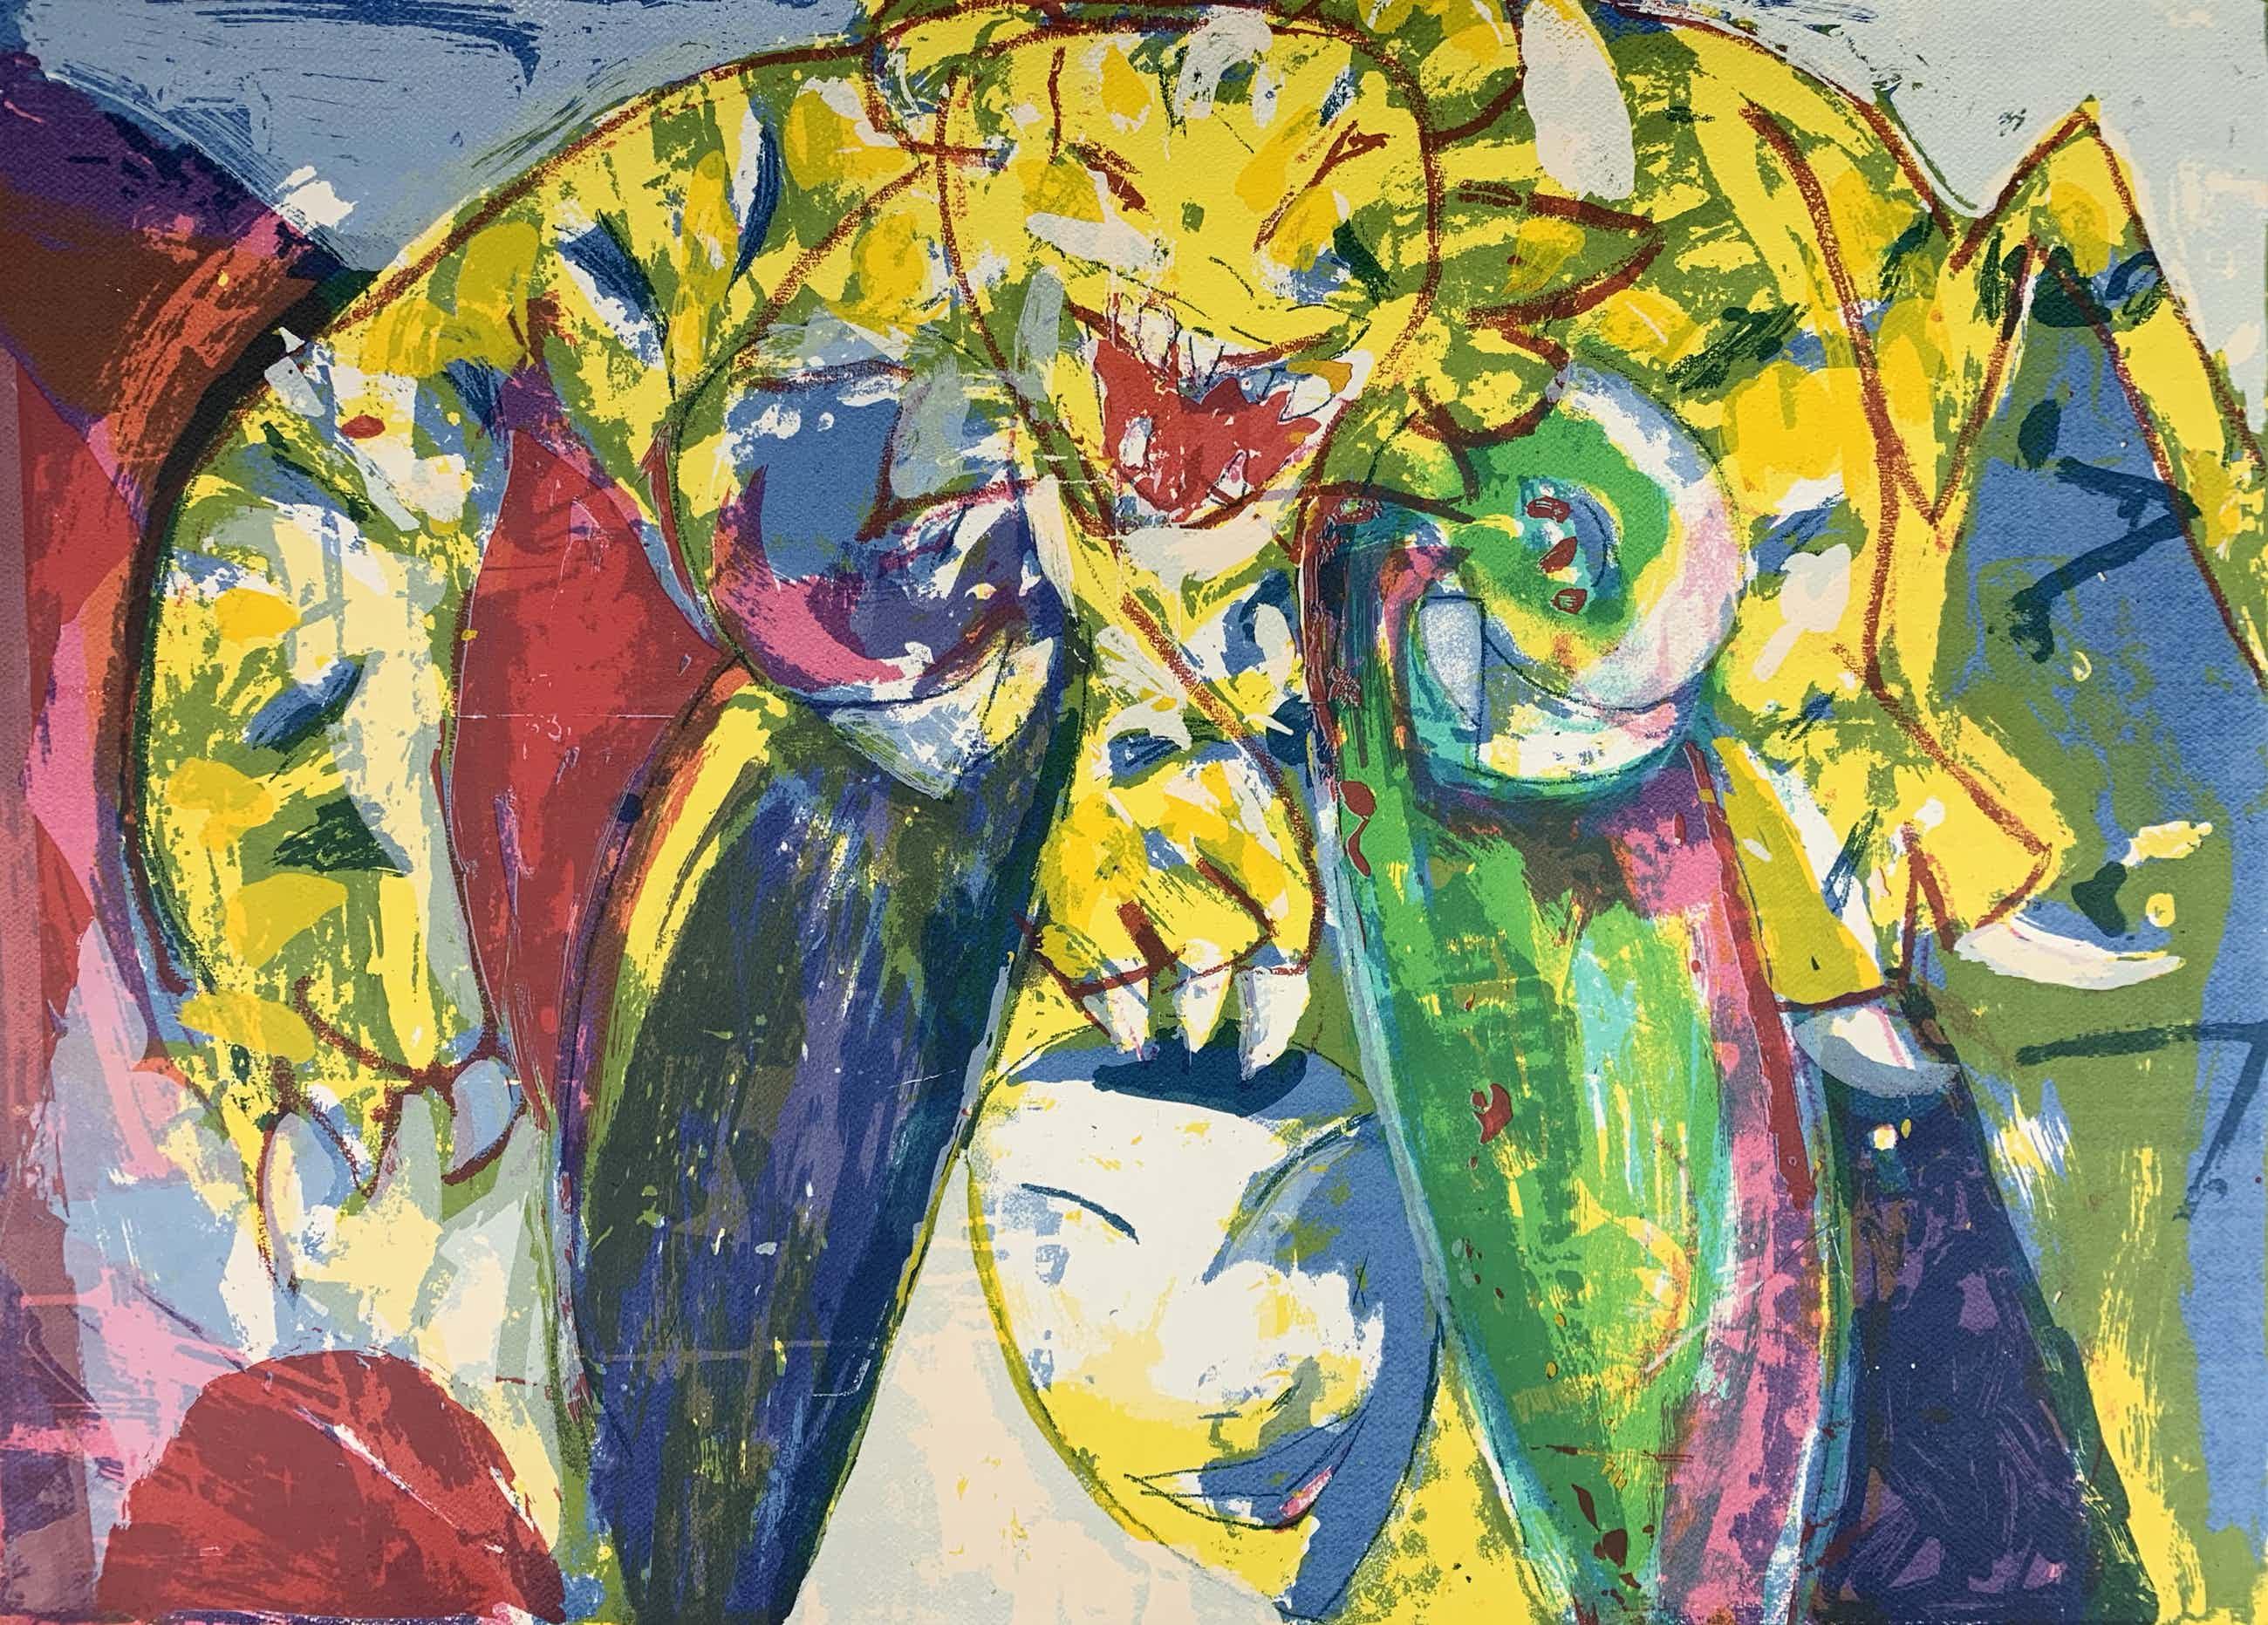 Anton Vrede - kleurenlitho - 'Between love and hate' - 1989 (GROOT WERK) kopen? Bied vanaf 79!